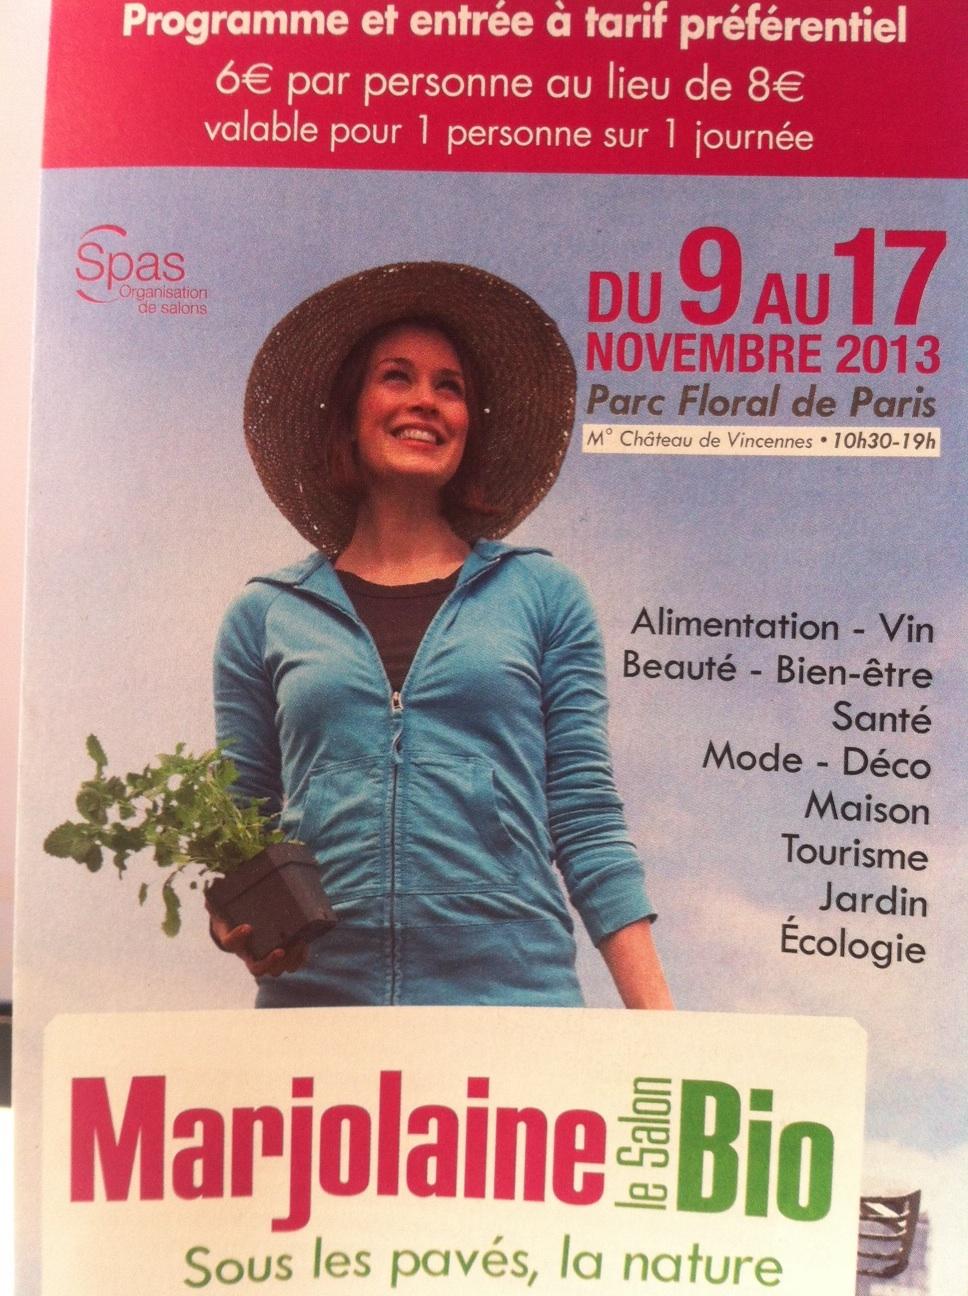 Le salon bio marjolaine du 9 au 17 novembre for Salon du bio